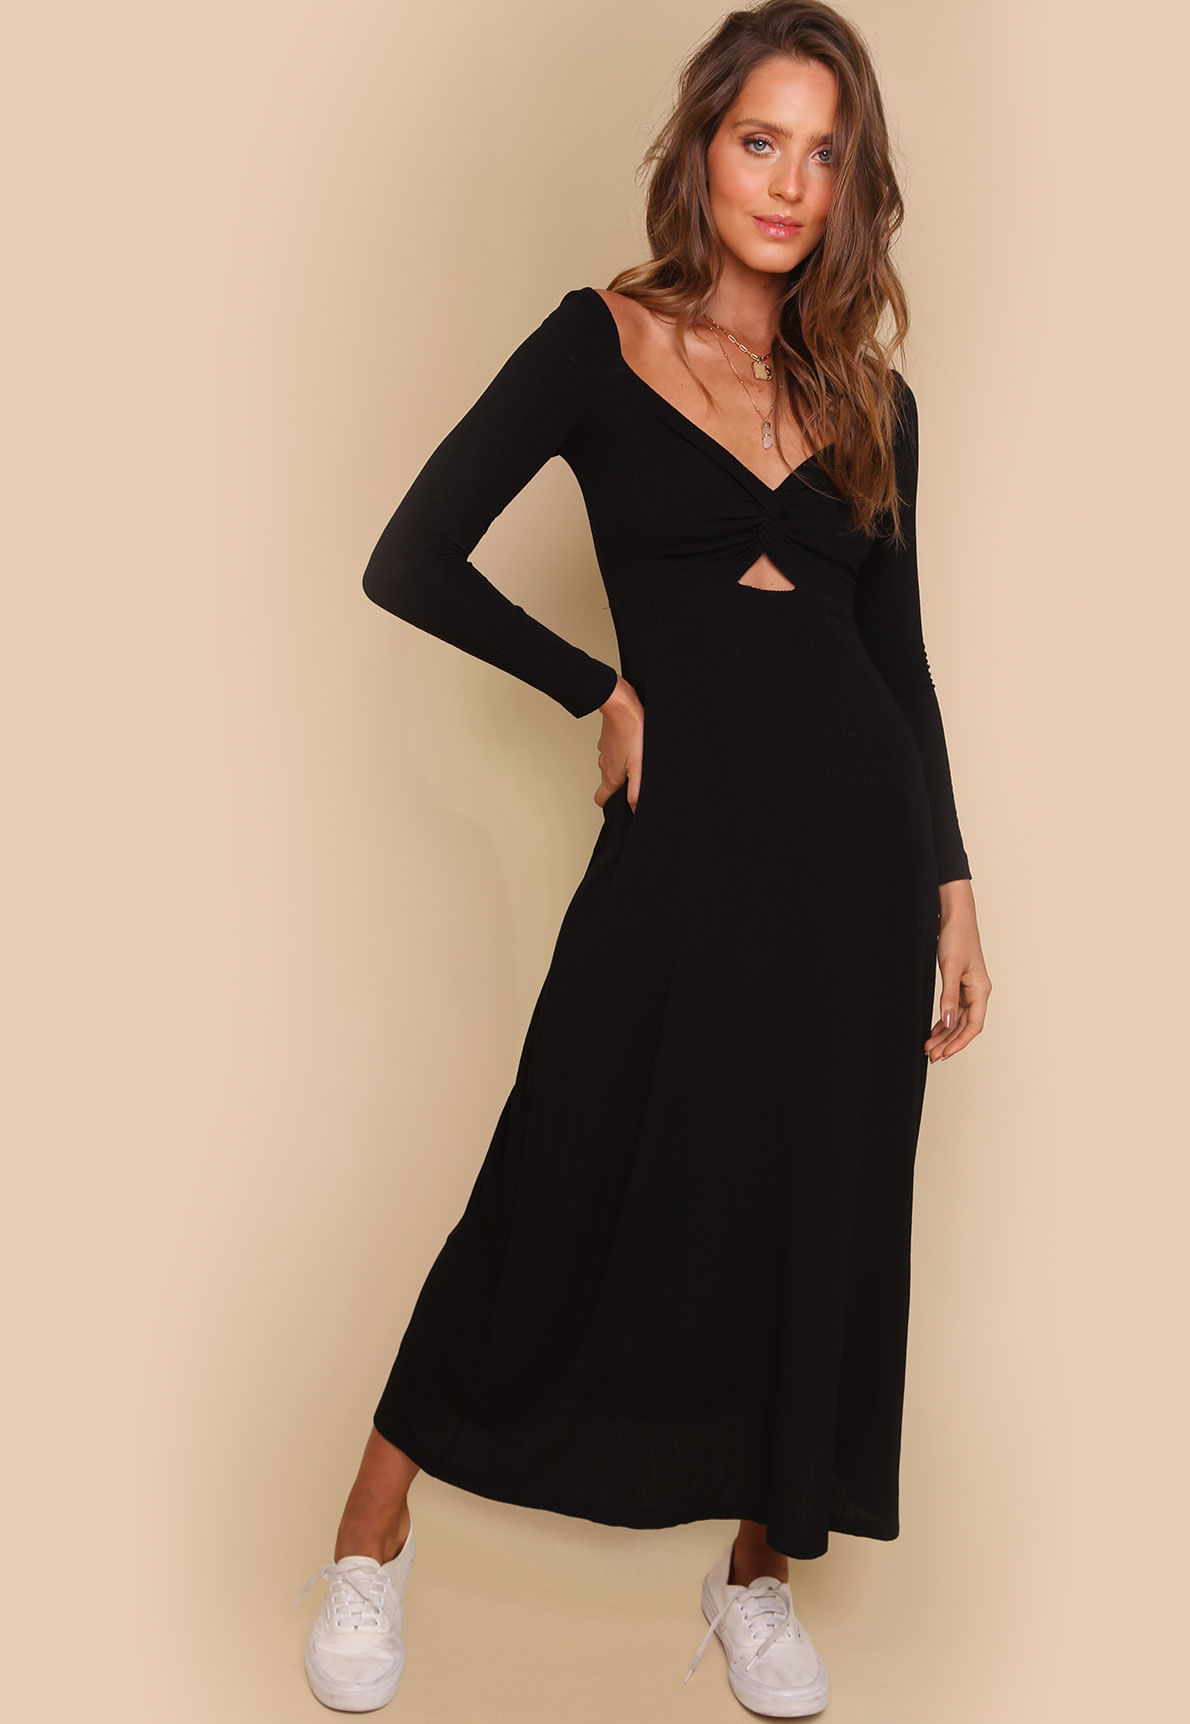 31236-vestido-lost-in-paris-02